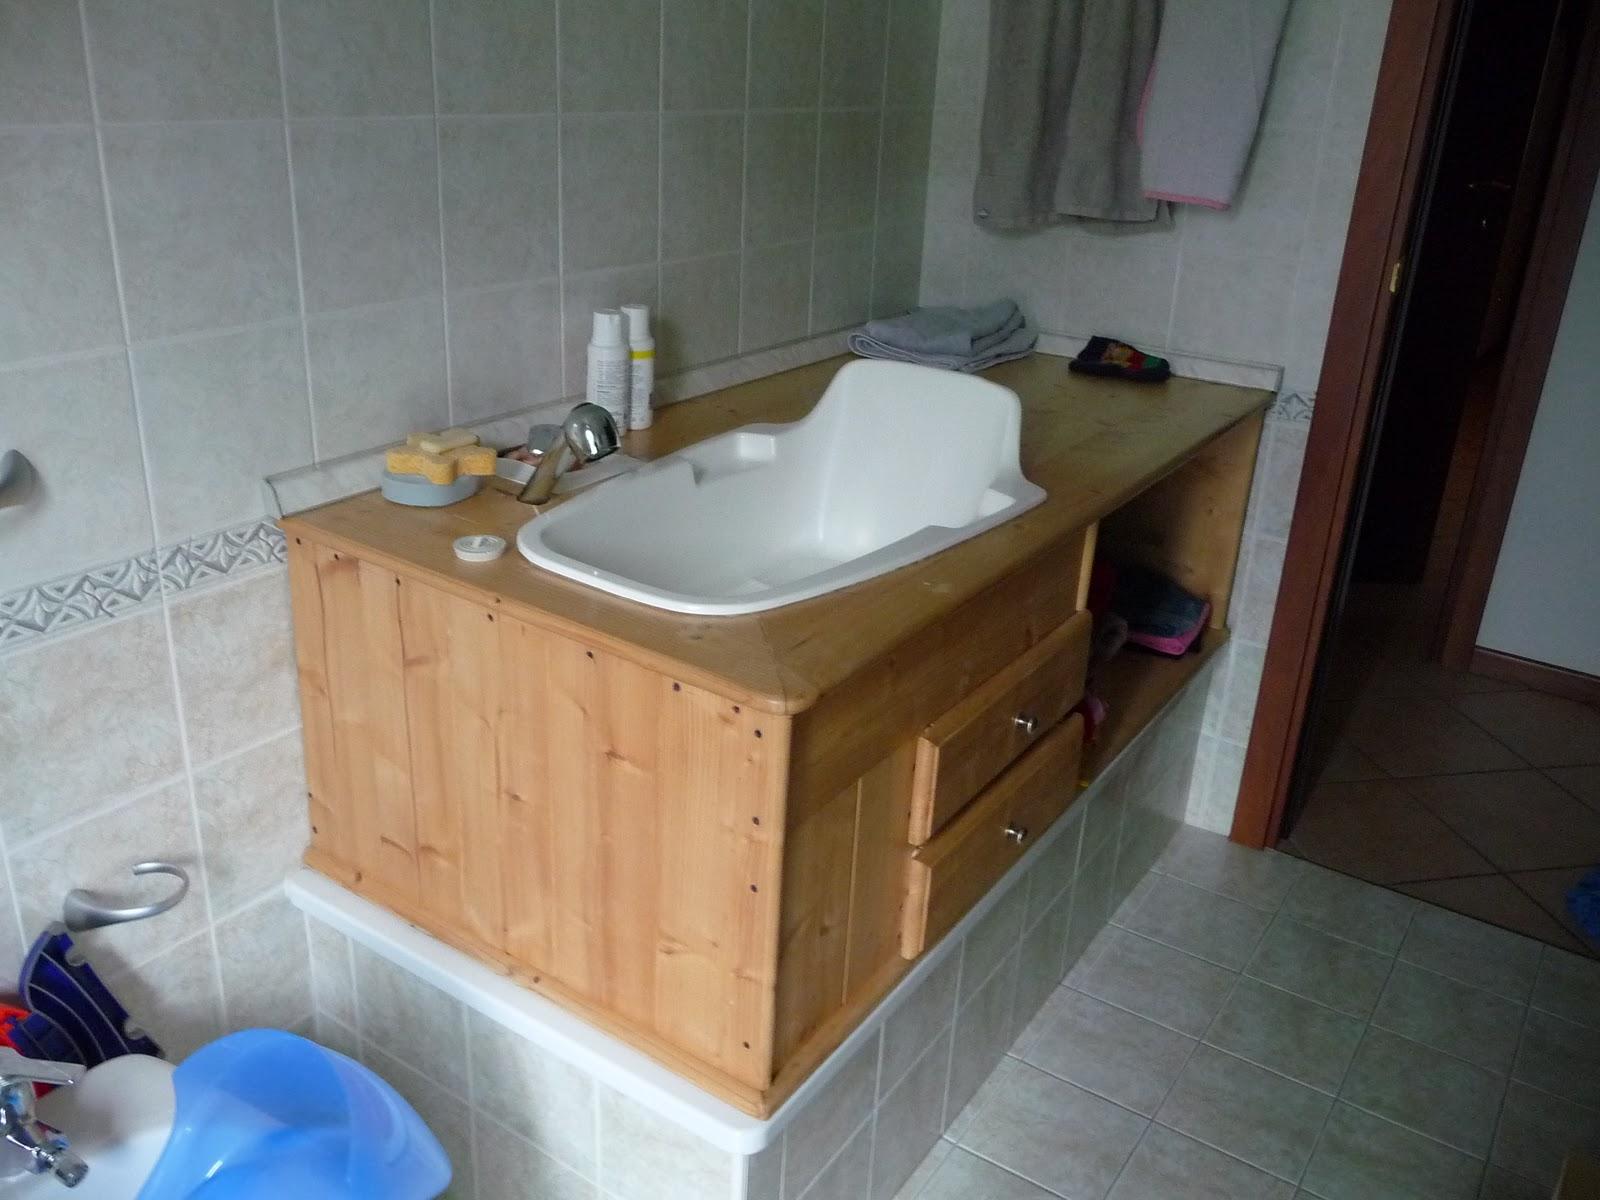 Lavabo Bagno Fai Da Te : Lavandino bagno in muratura fai da te ...